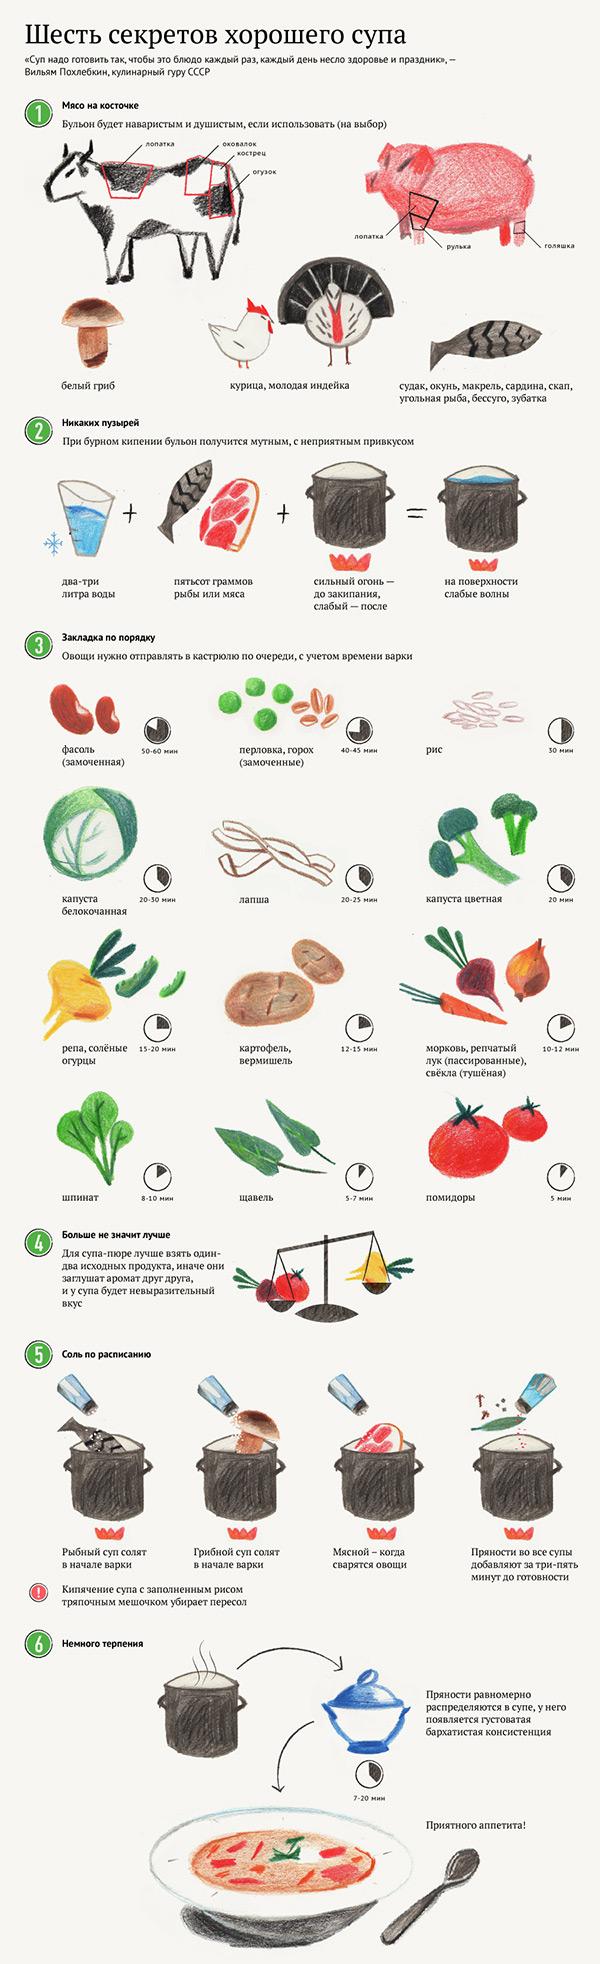 Секреты от шеф-поваров для приготовления хорошего супа